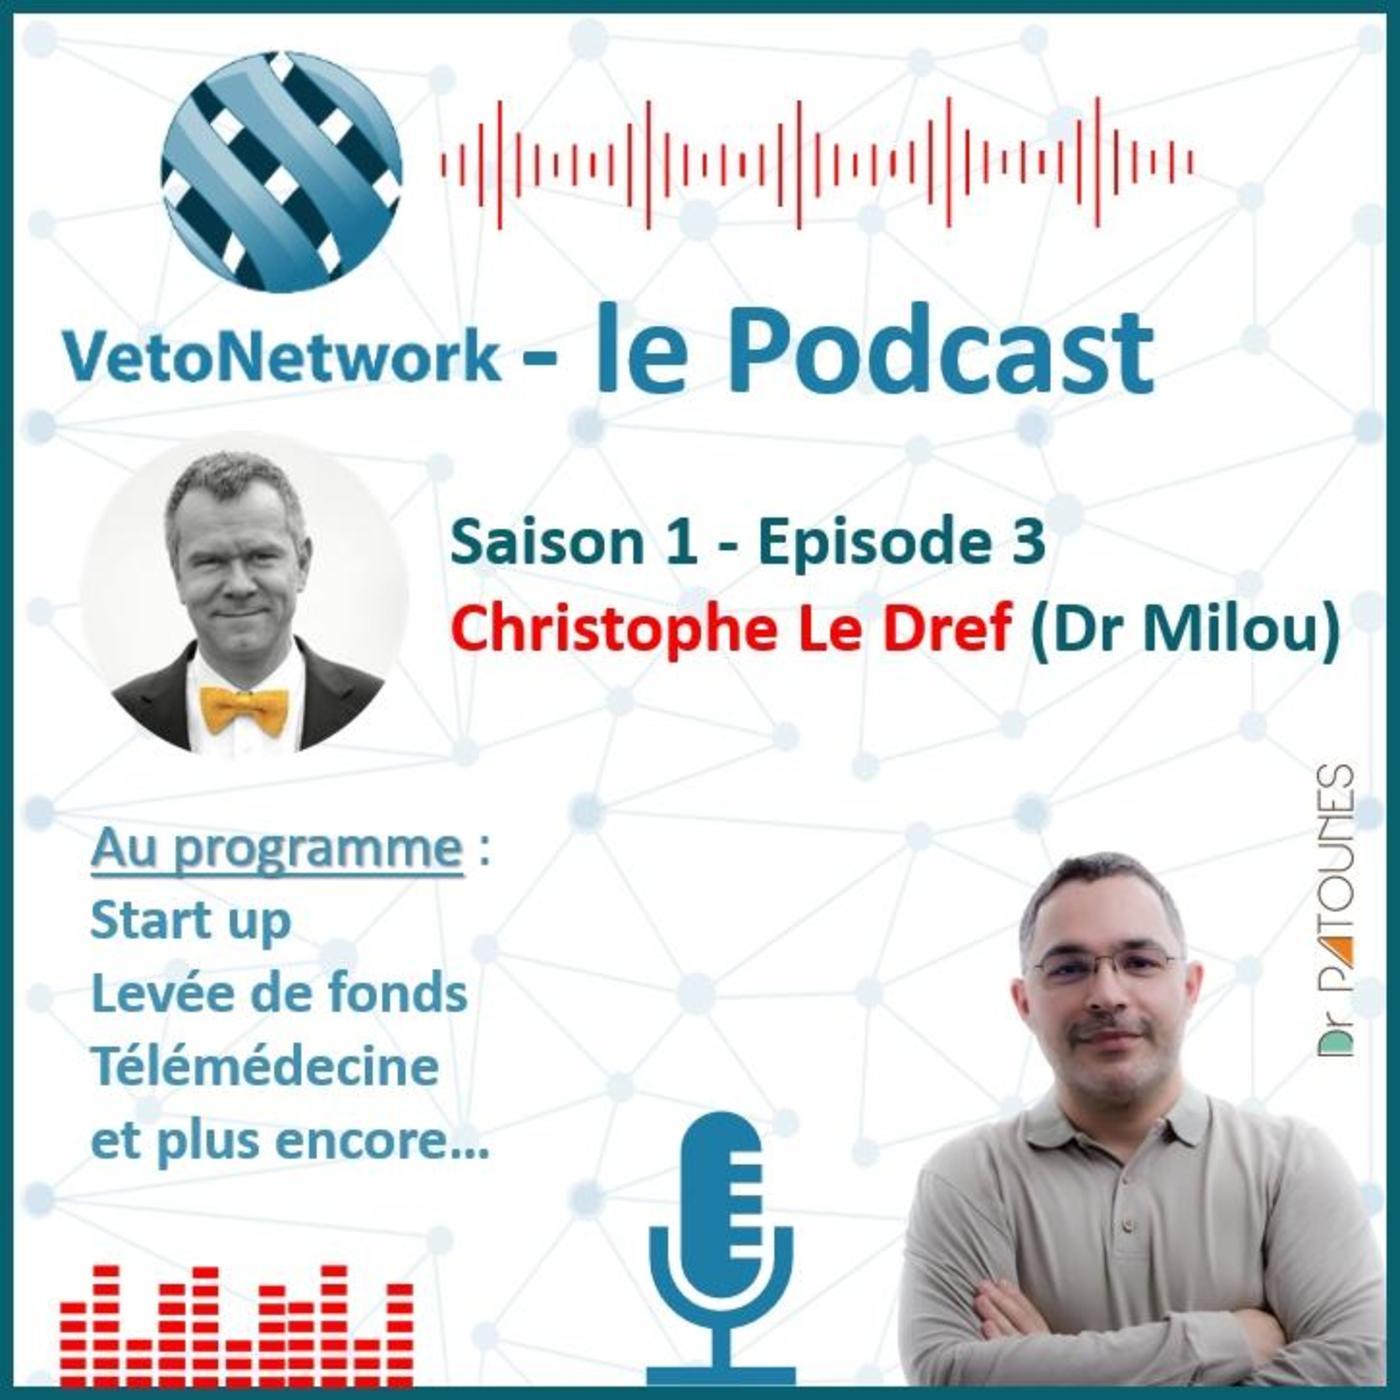 🎥 Christophe Le Dref (Dr Milou) 🚀